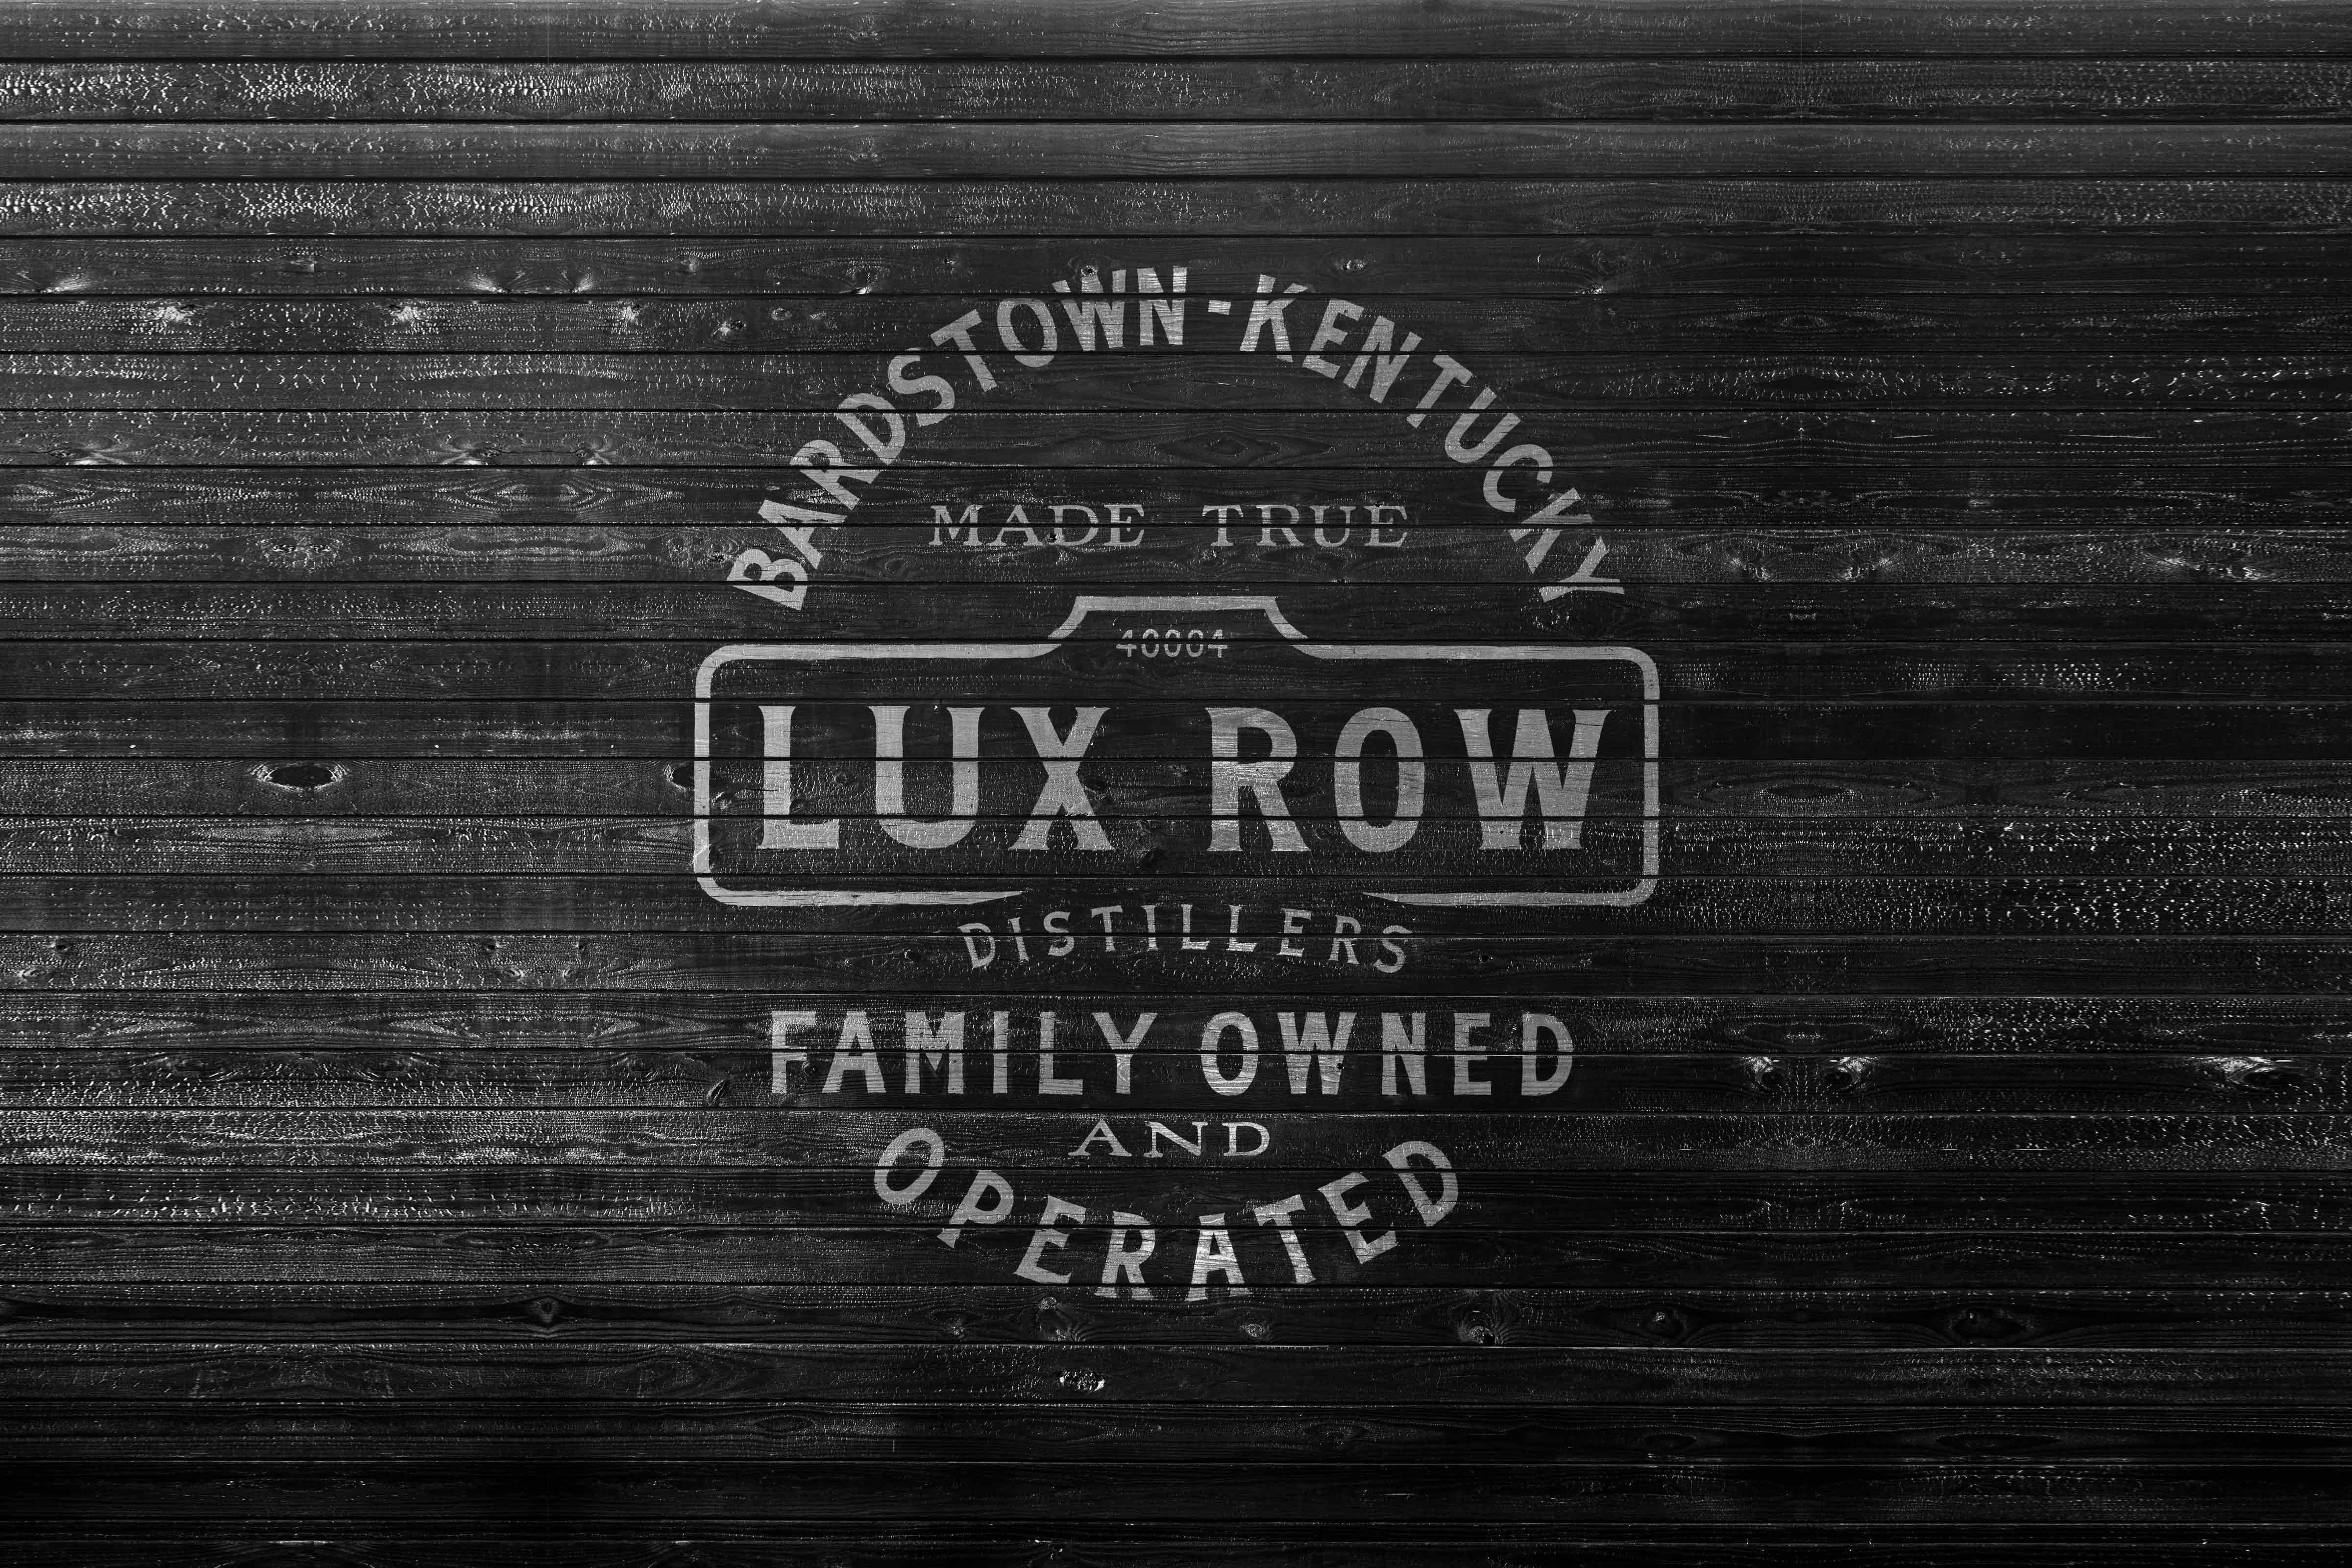 luxrow1